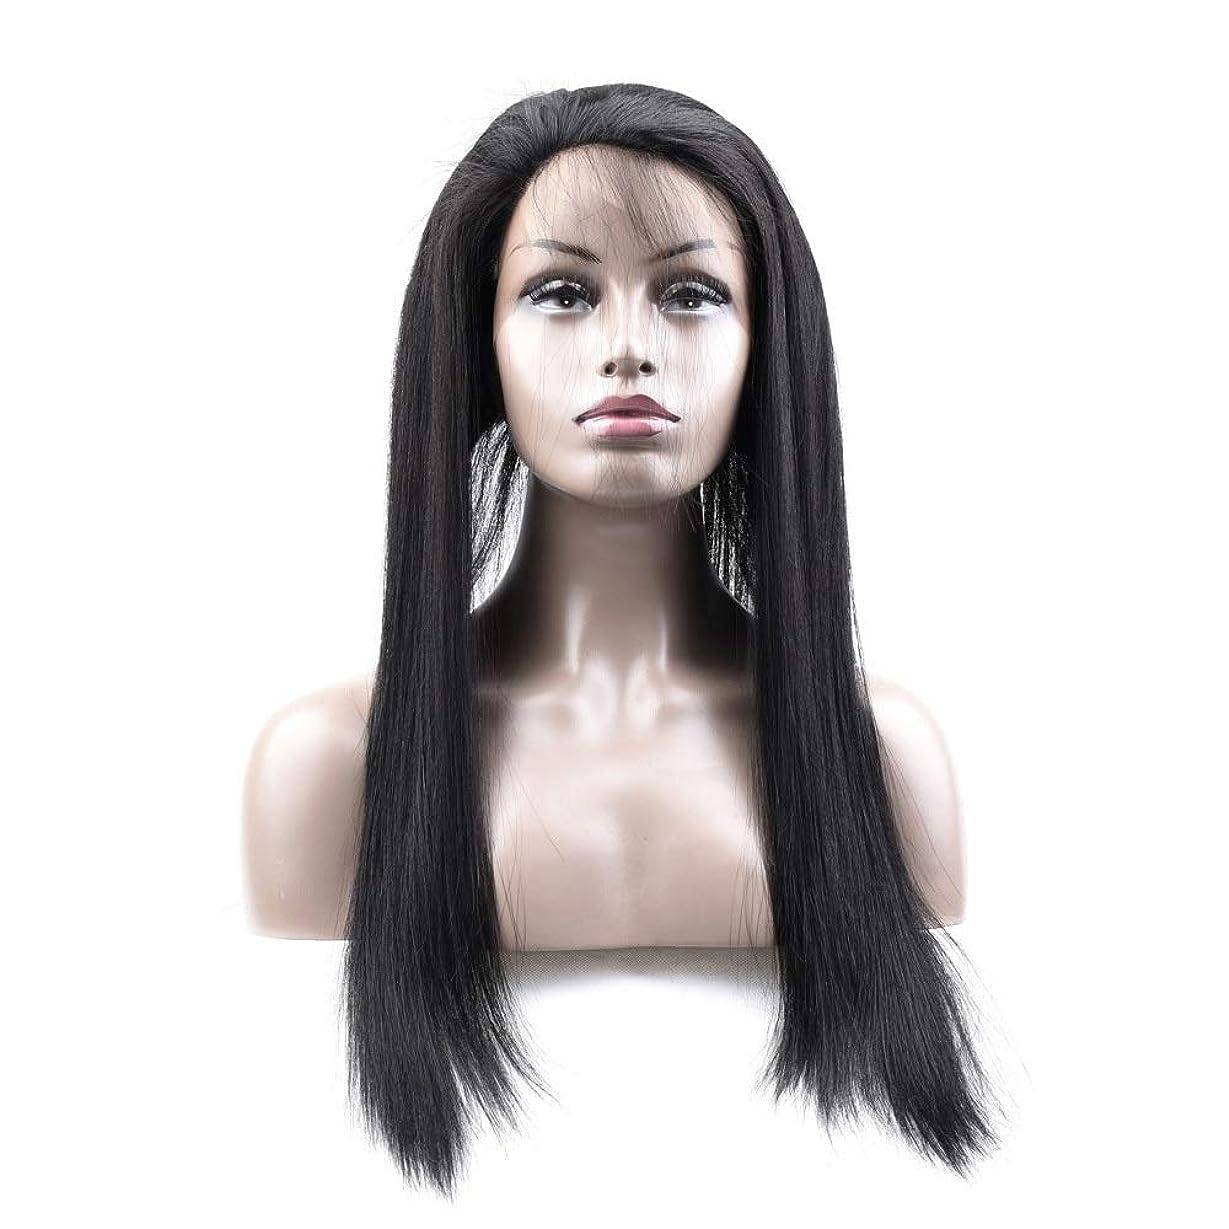 クラウドニュース前部HOHYLLYA ブラジル360前頭ストレートナチュラルヘアレース前頭閉鎖ストレート人間の髪1Bナチュラルカラーロールプレイングかつら女性のかつら (色 : 黒, サイズ : 14 inch)